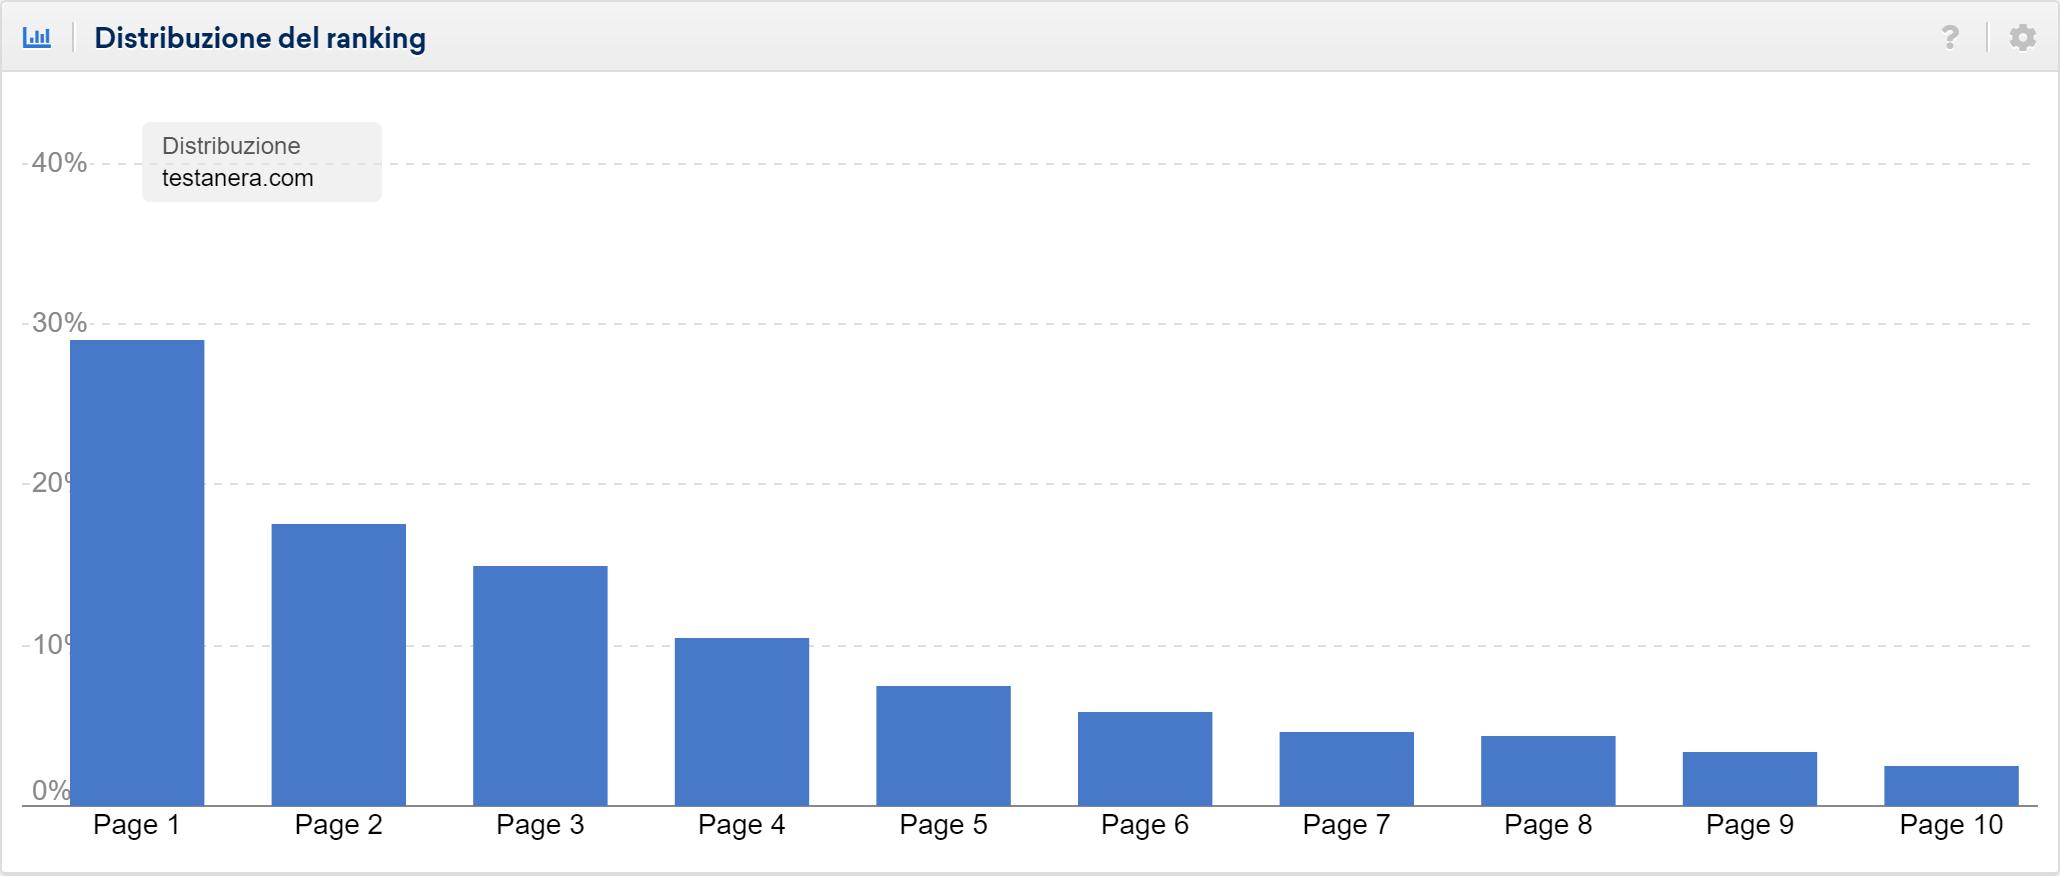 Distribuzione del ranking di testanera.com: le keyword sono soprattutto in prima pagina